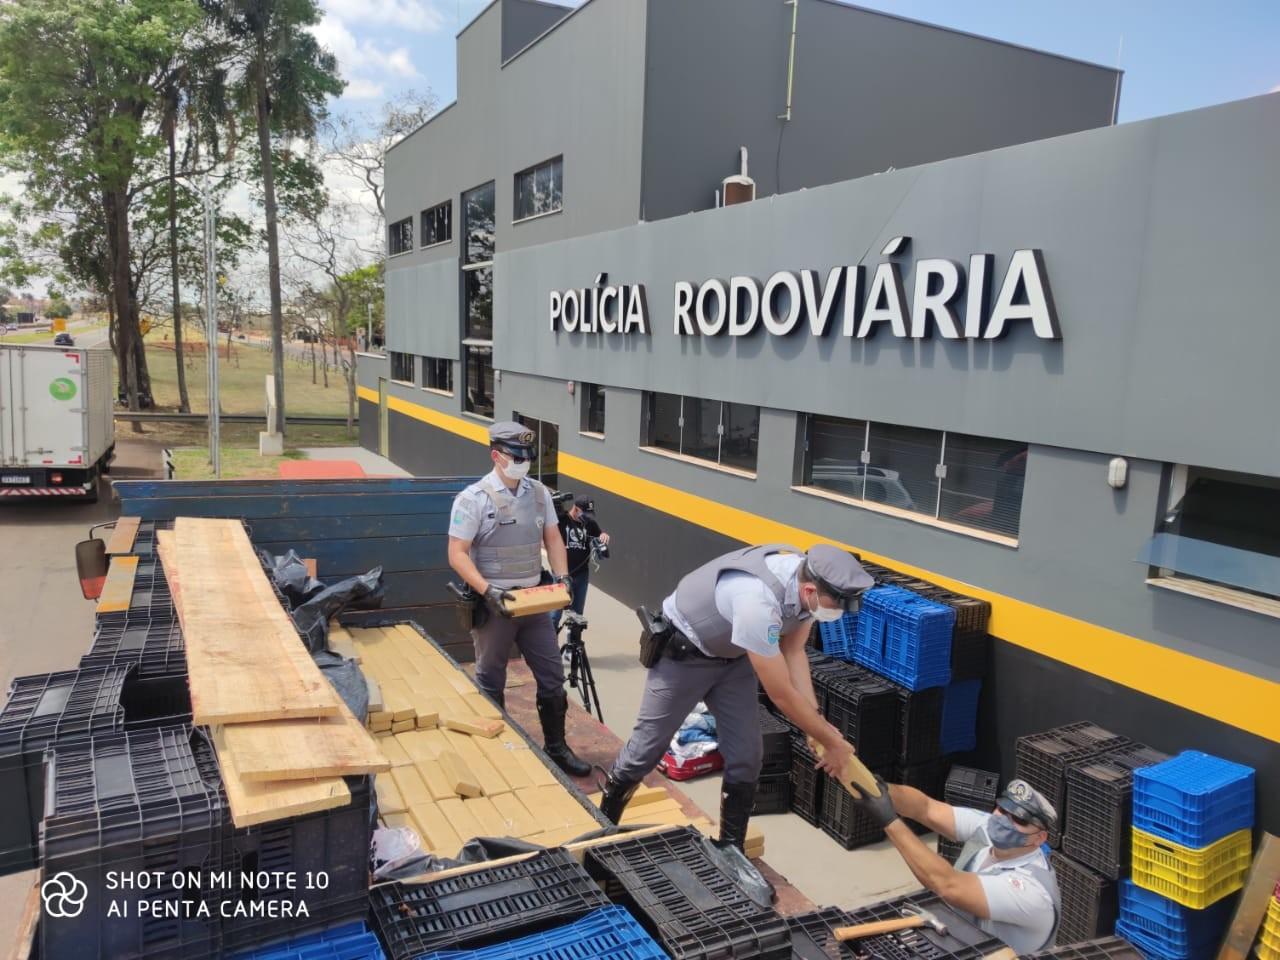 PF e Polícia Rodoviária apreendem caminhão com grande quantidade de maconha em Jaú